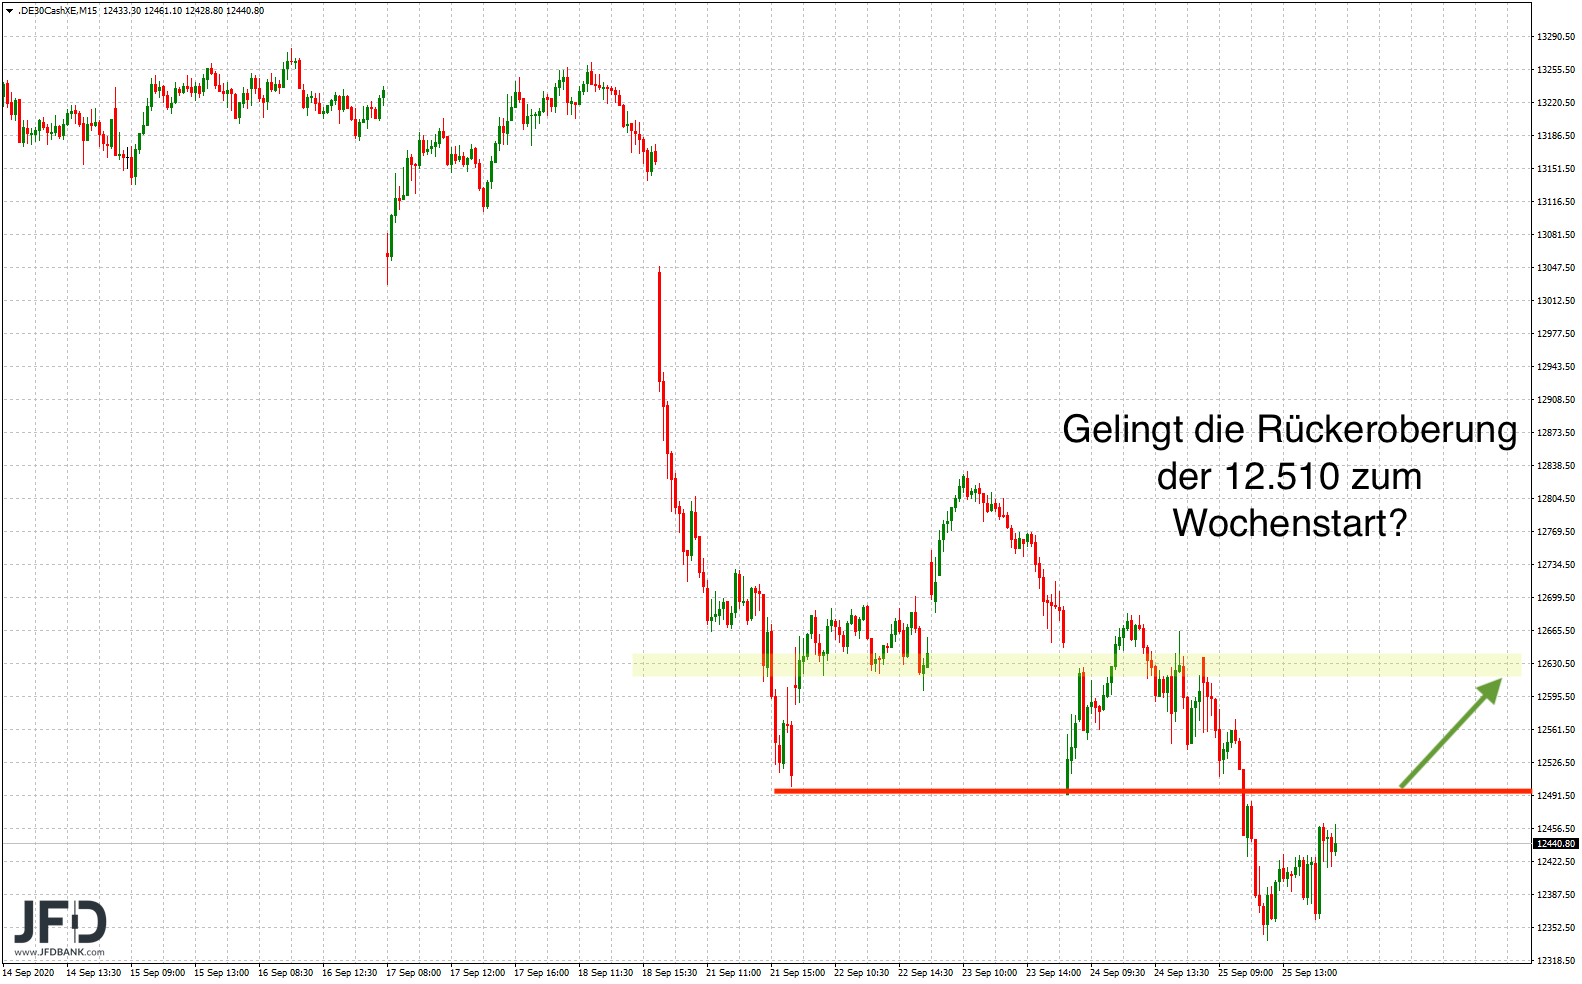 Positiver-DAX-Start-nach-den-Verlusten-der-Vorwoche-Kommentar-JFD-Bank-GodmodeTrader.de-5